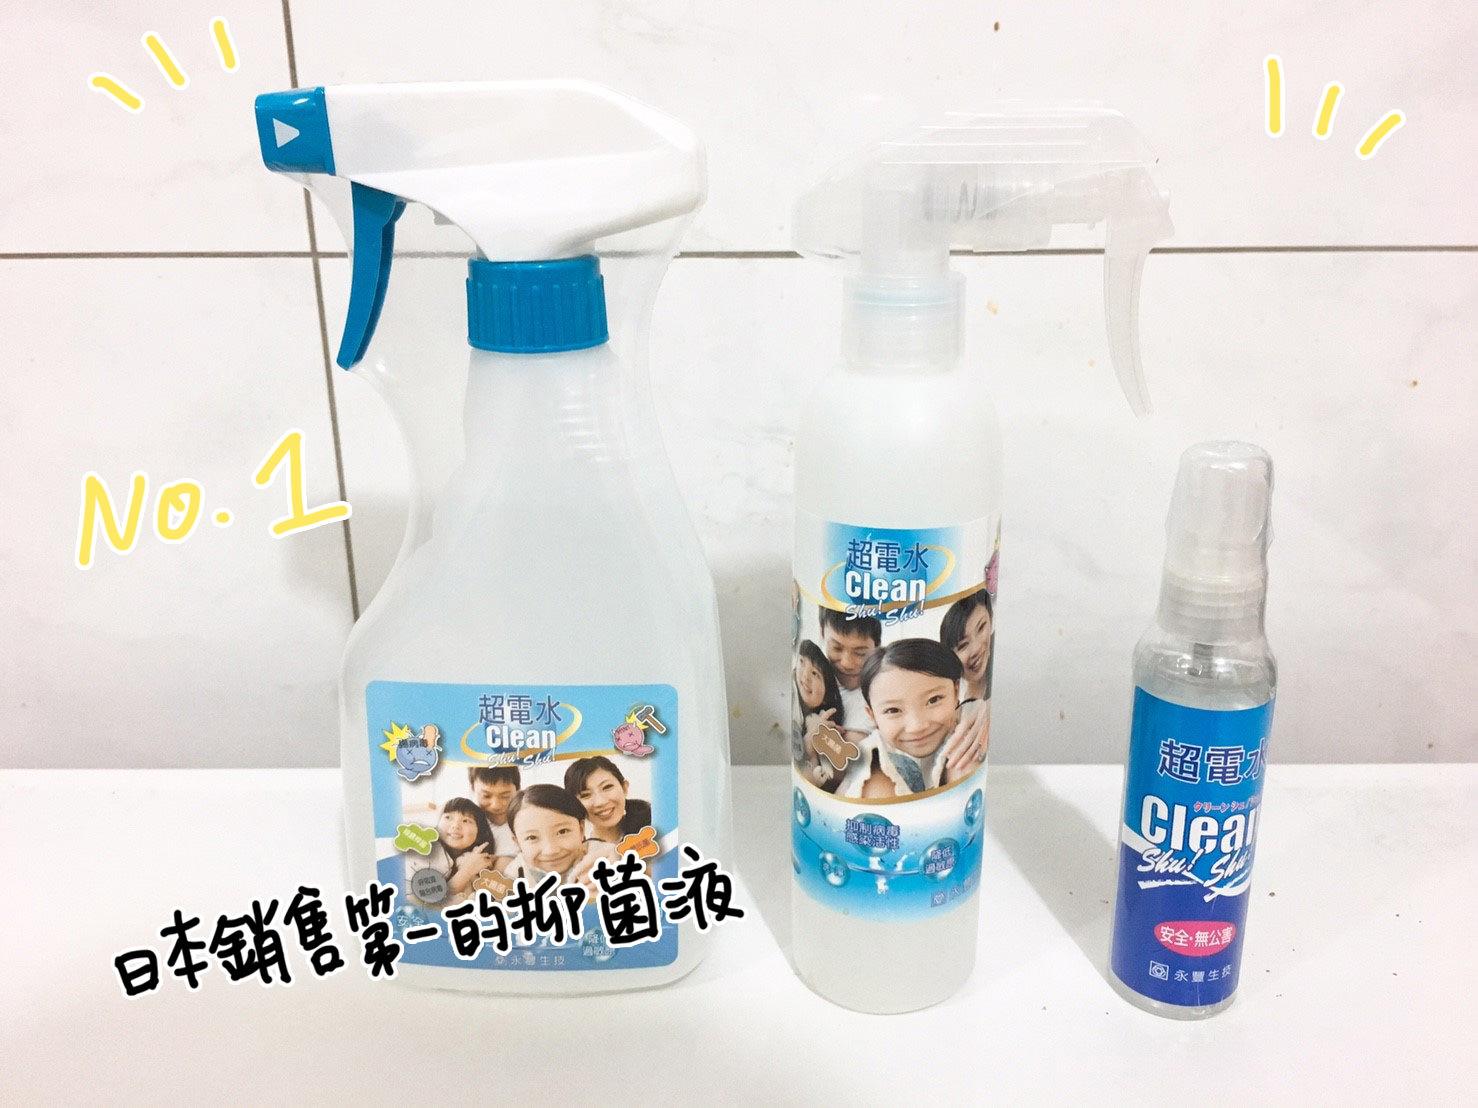 永豐超電水 日本媽媽最愛 銷售no.1 的抑菌液!可以抑菌又可清潔污漬喔 - 泡菜公主的芝麻綠豆